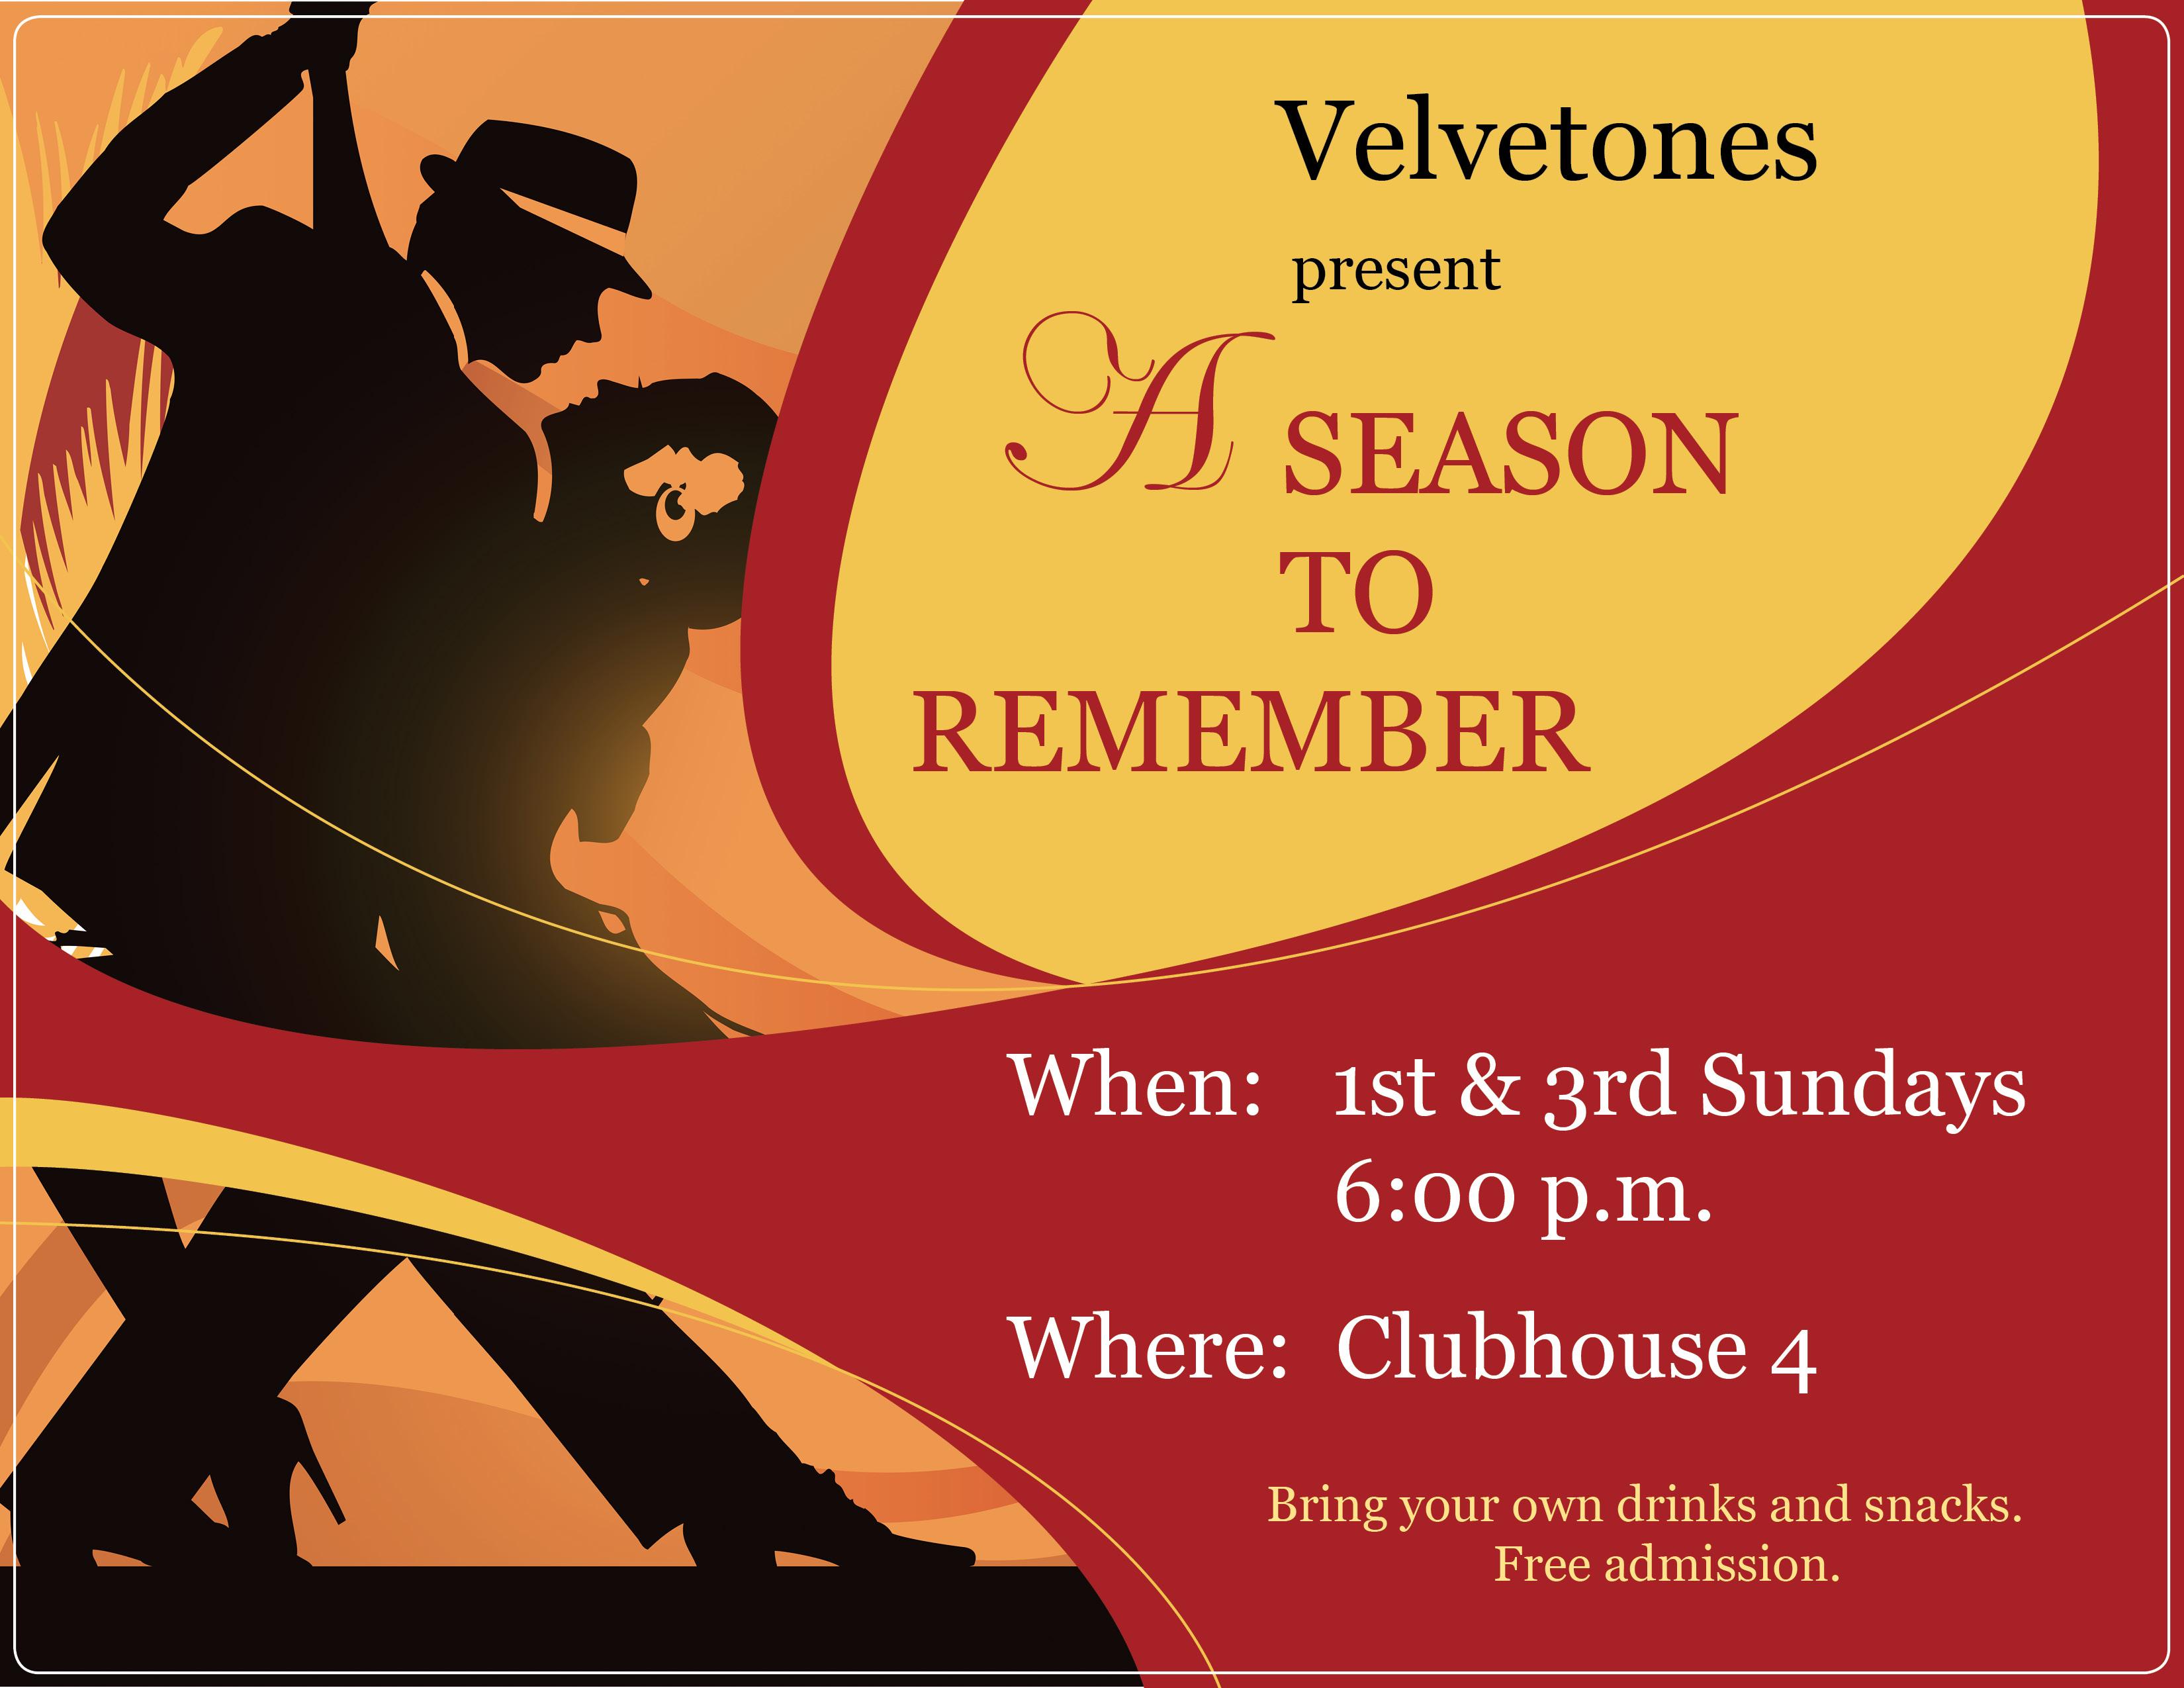 Velvetones flyer